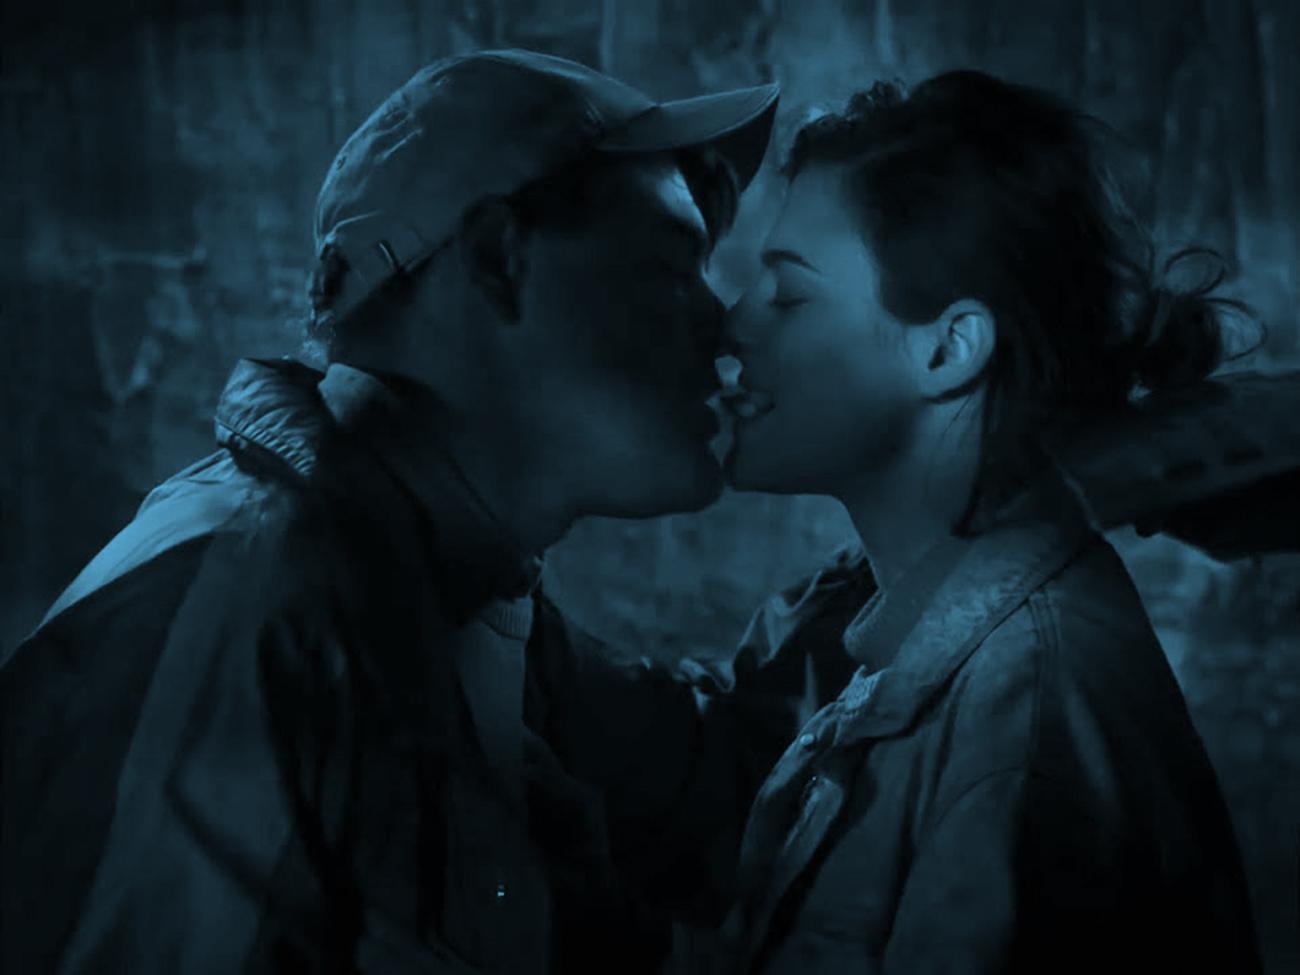 """DONATELLA E IL SUO CINEMA::: """" TESNOTA """" DI KANTEMIR BALAGOV ( NAL'CIK,  1991 )– """" un film che tocca vertigini di verità quando coglie il dolore dei  legami. """""""